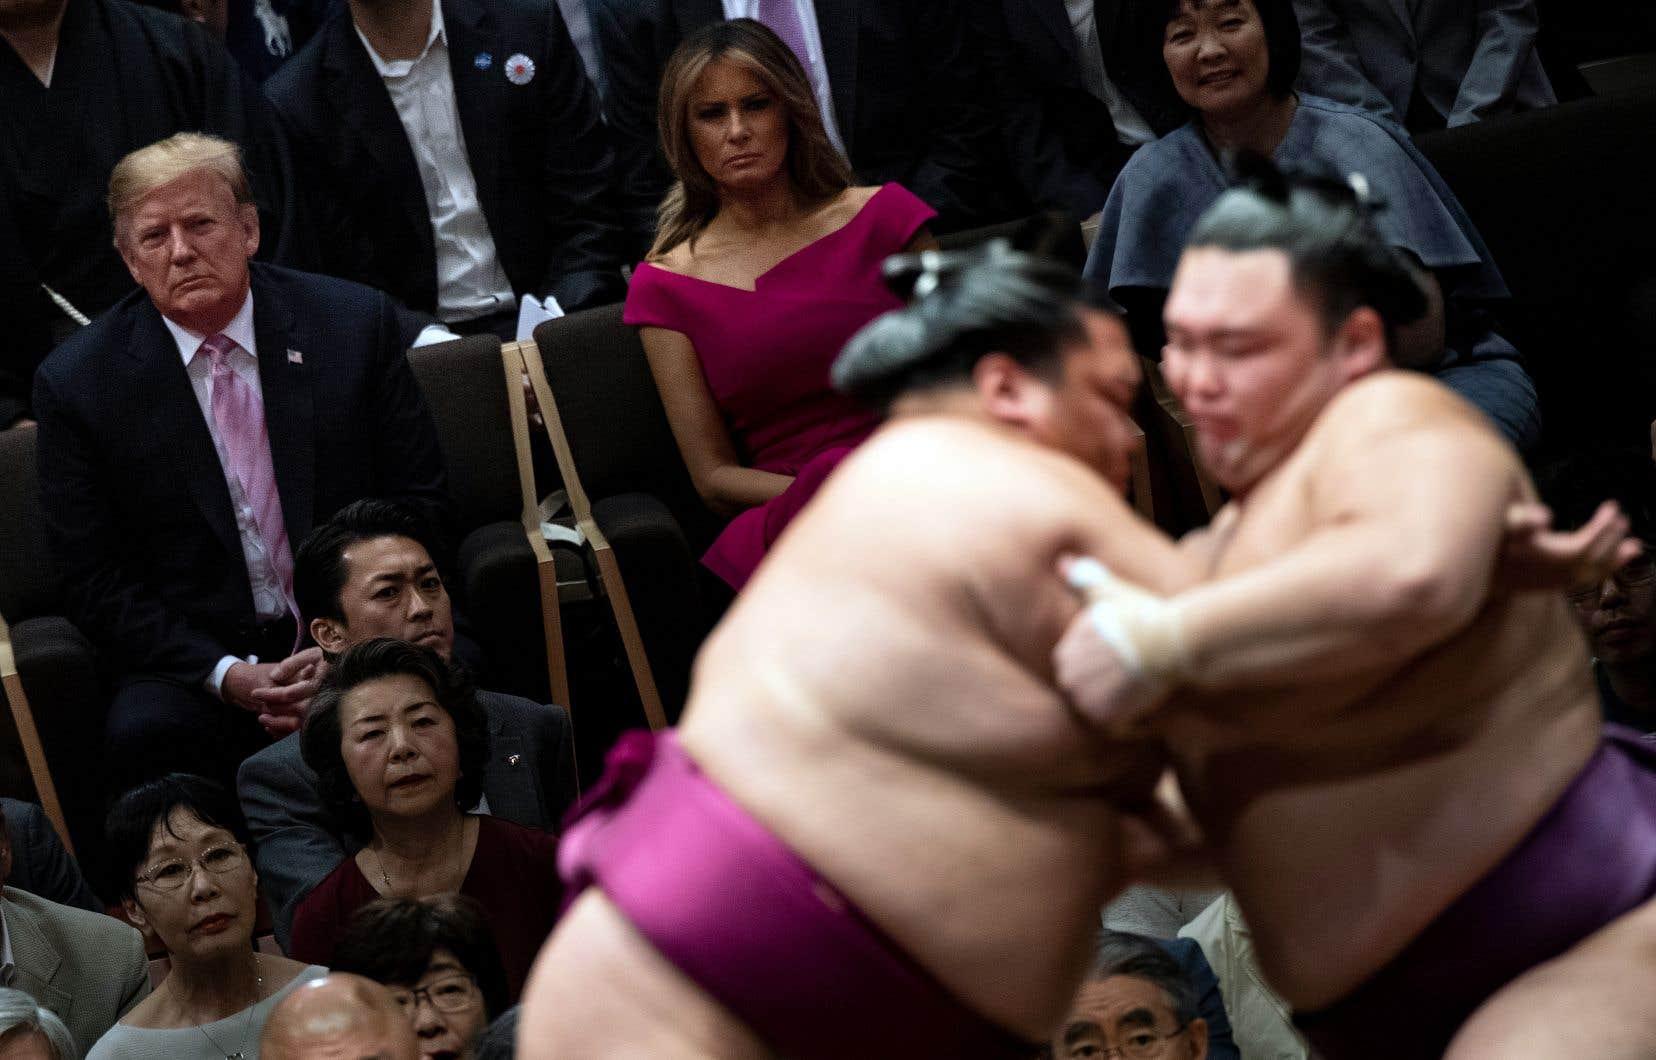 Les spectateurs du combat de sumo avaient été prévenus: il était strictement interdit de lancer leurs coussins — comme le veut la tradition quand un grand champion, un yokozuna, est renversé par son adversaire — de peur qu'ils ne viennent toucher par mégarde le chef d'État américain.